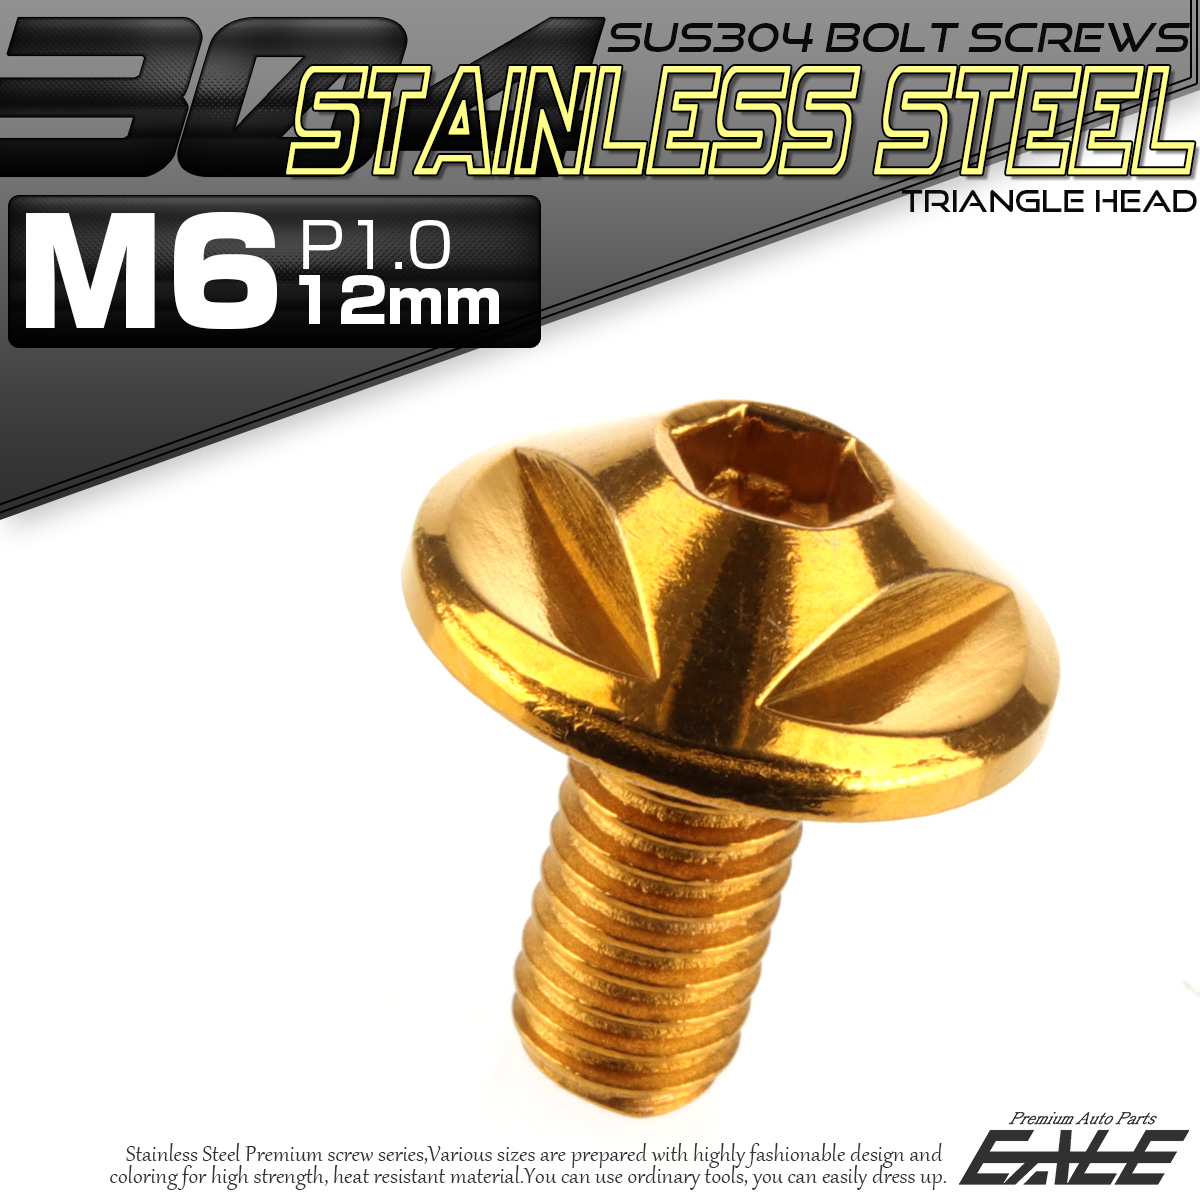 SUS304 フランジ付 ボタンボルト M6×12mm P1.0 六角穴  ゴールド トライアングルヘッド ステンレス製  TR0149